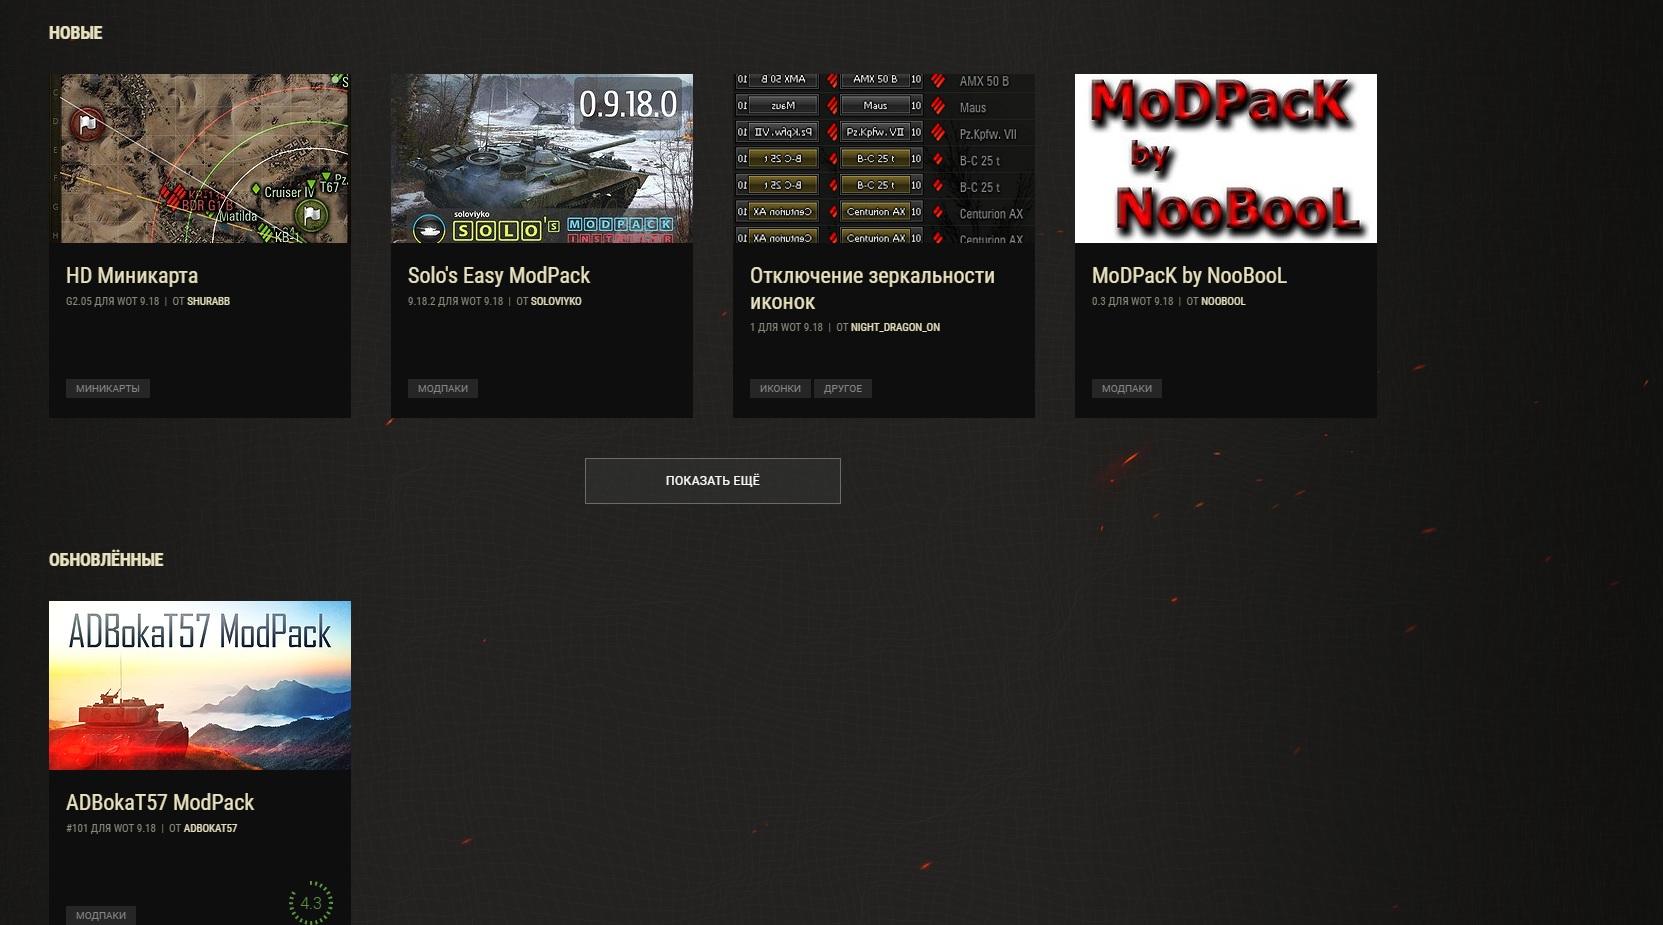 World of Tanks – oficjalny portal z modami – rykoszet info